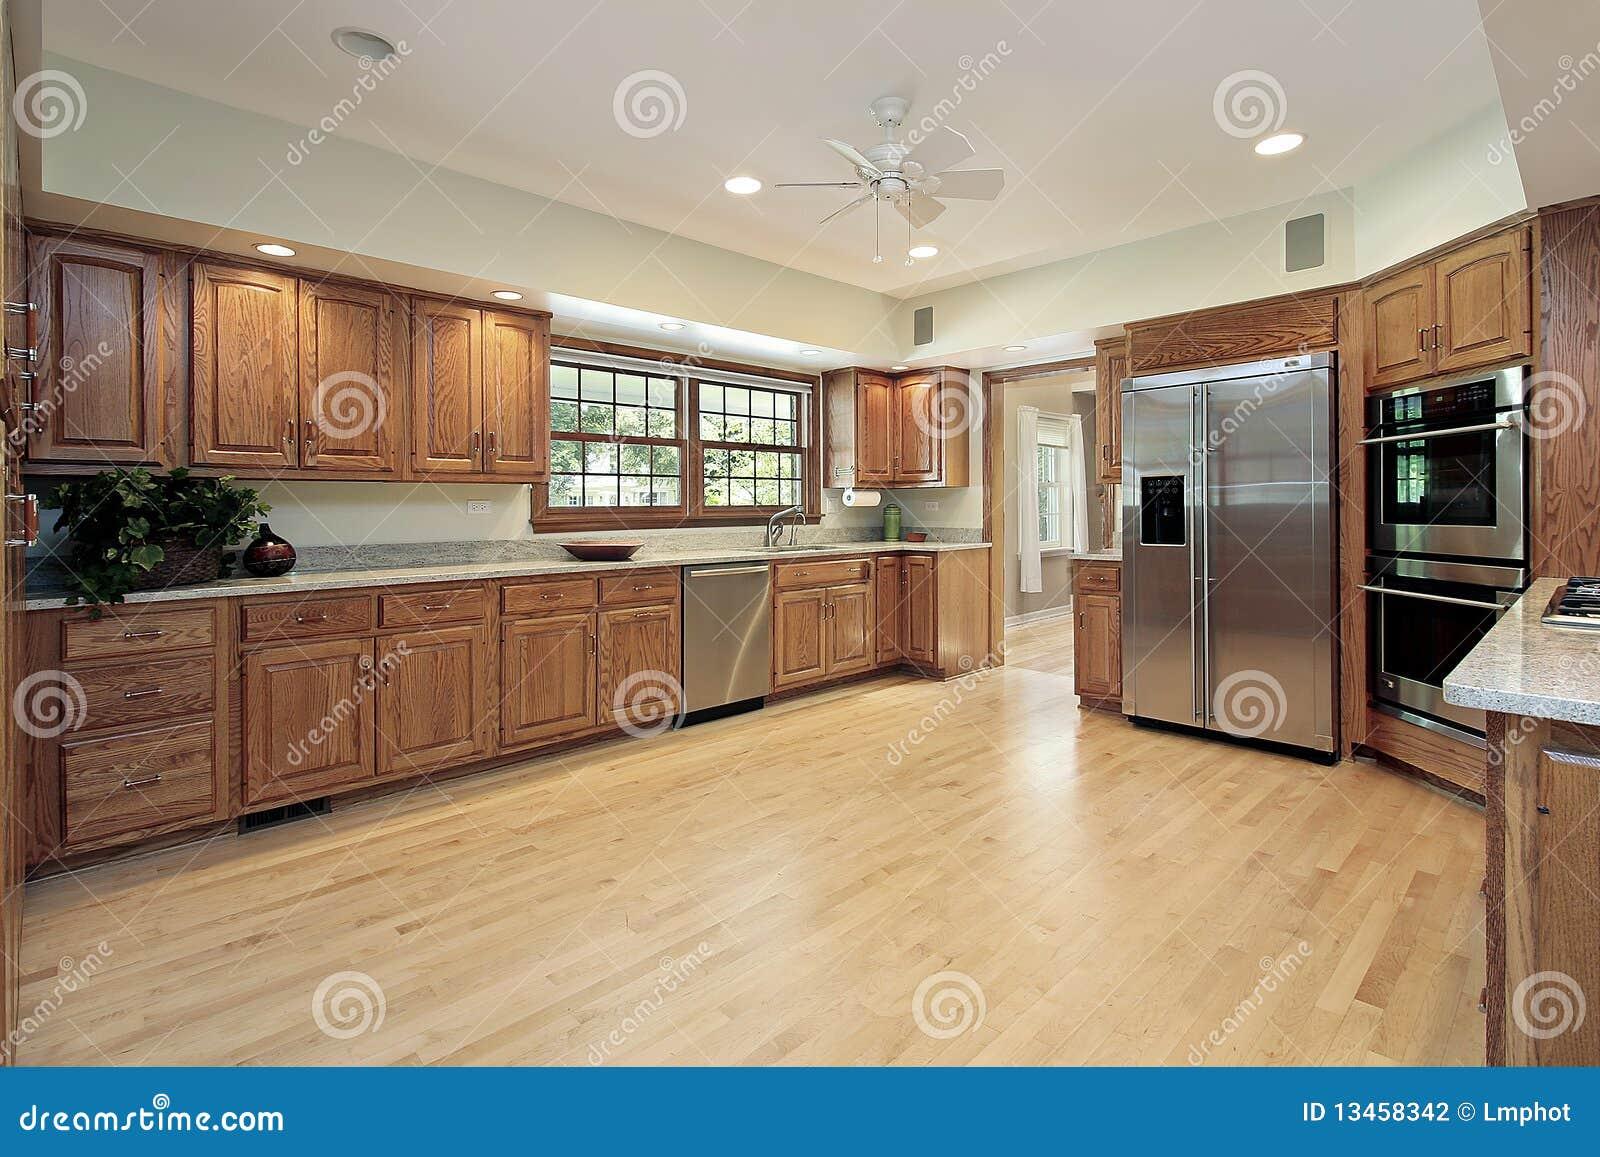 gro e k che mit h lzernem cabinetry. Black Bedroom Furniture Sets. Home Design Ideas